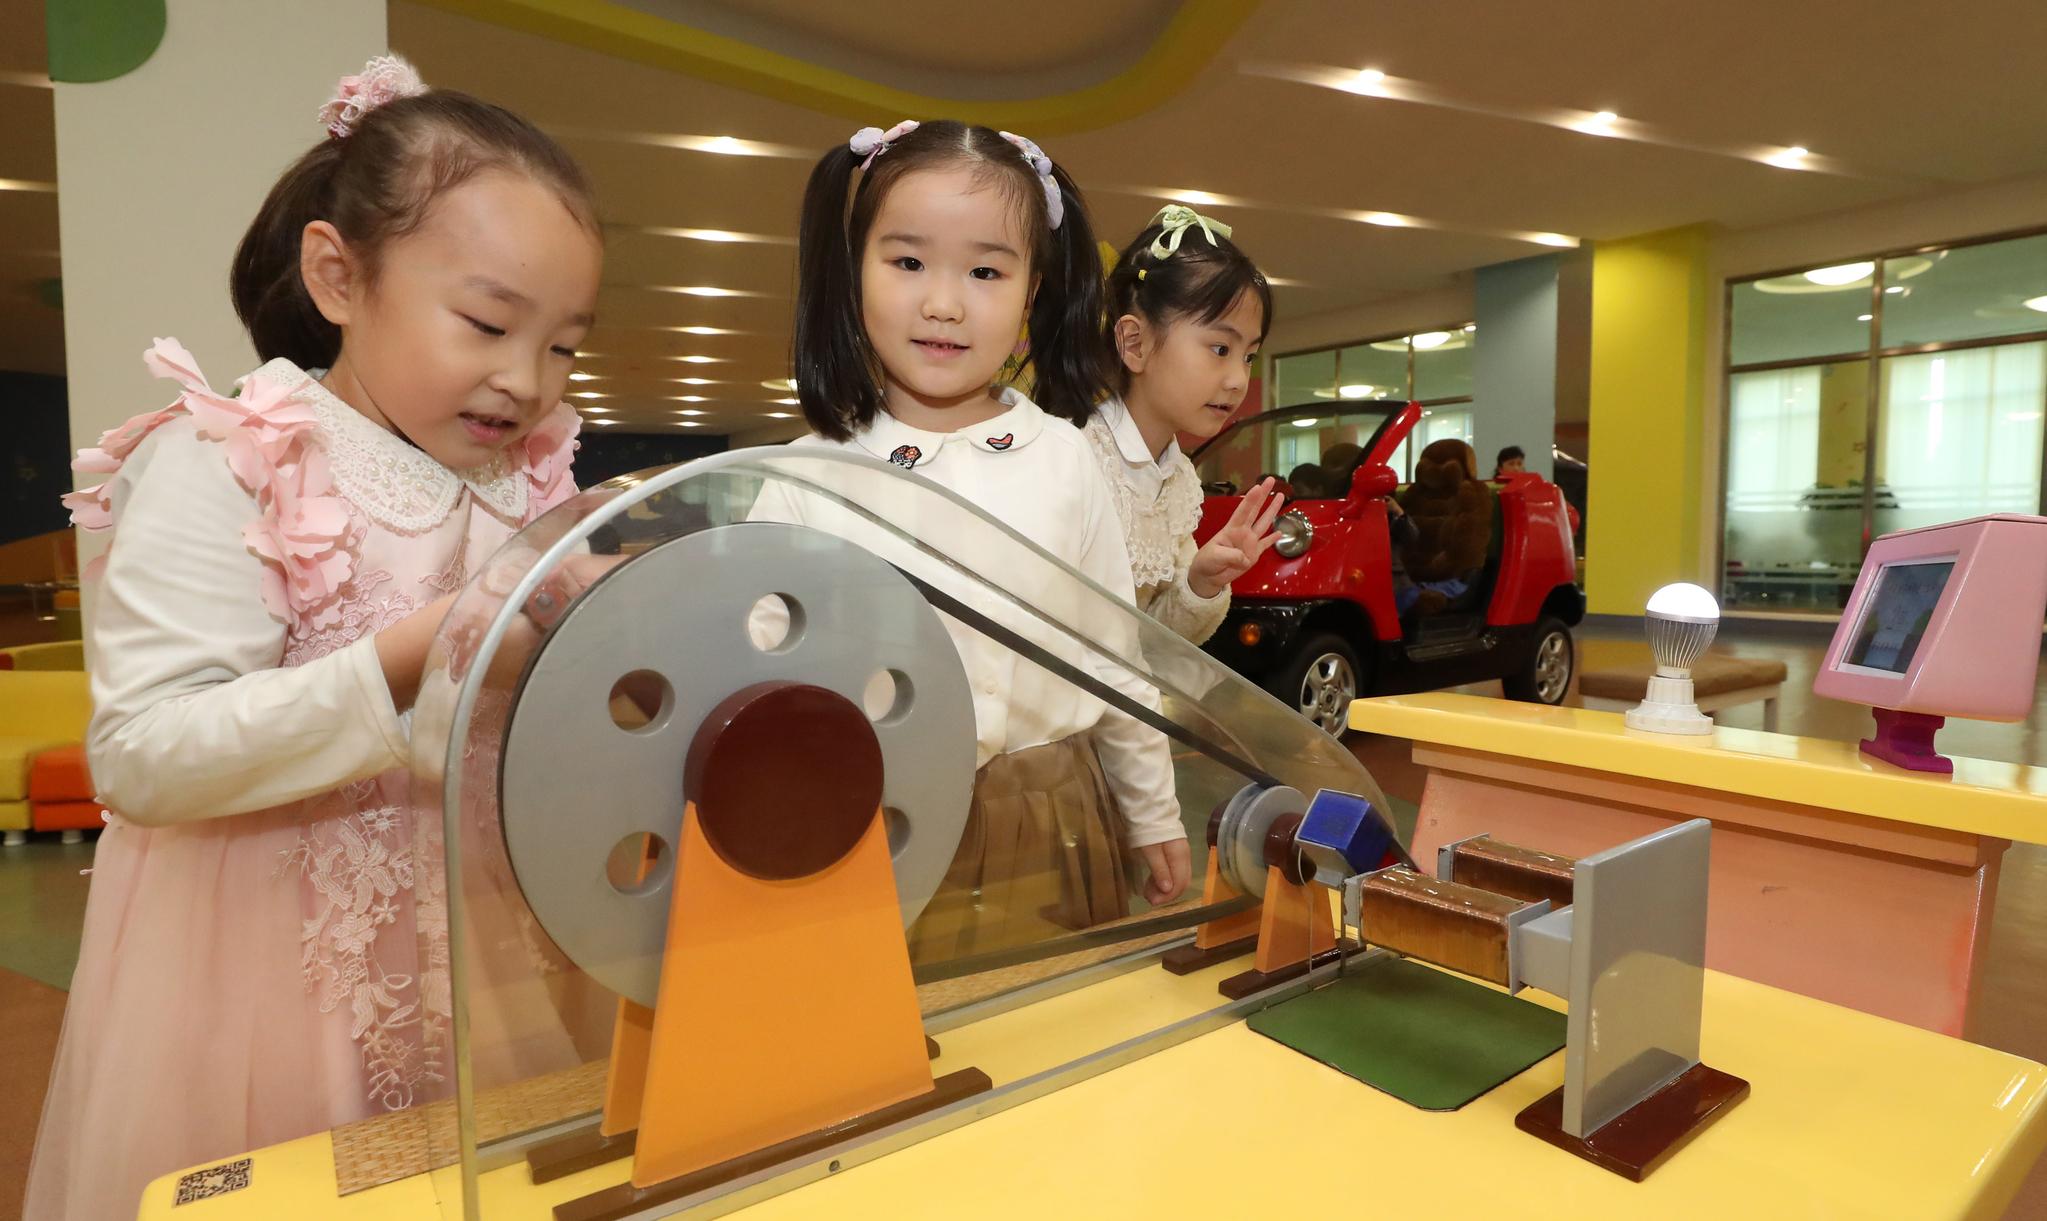 지난 4일 오후 평양 과학기술전당에서 평양 어린이들이 놀이를 하고 있다. 평양사진공동취재단